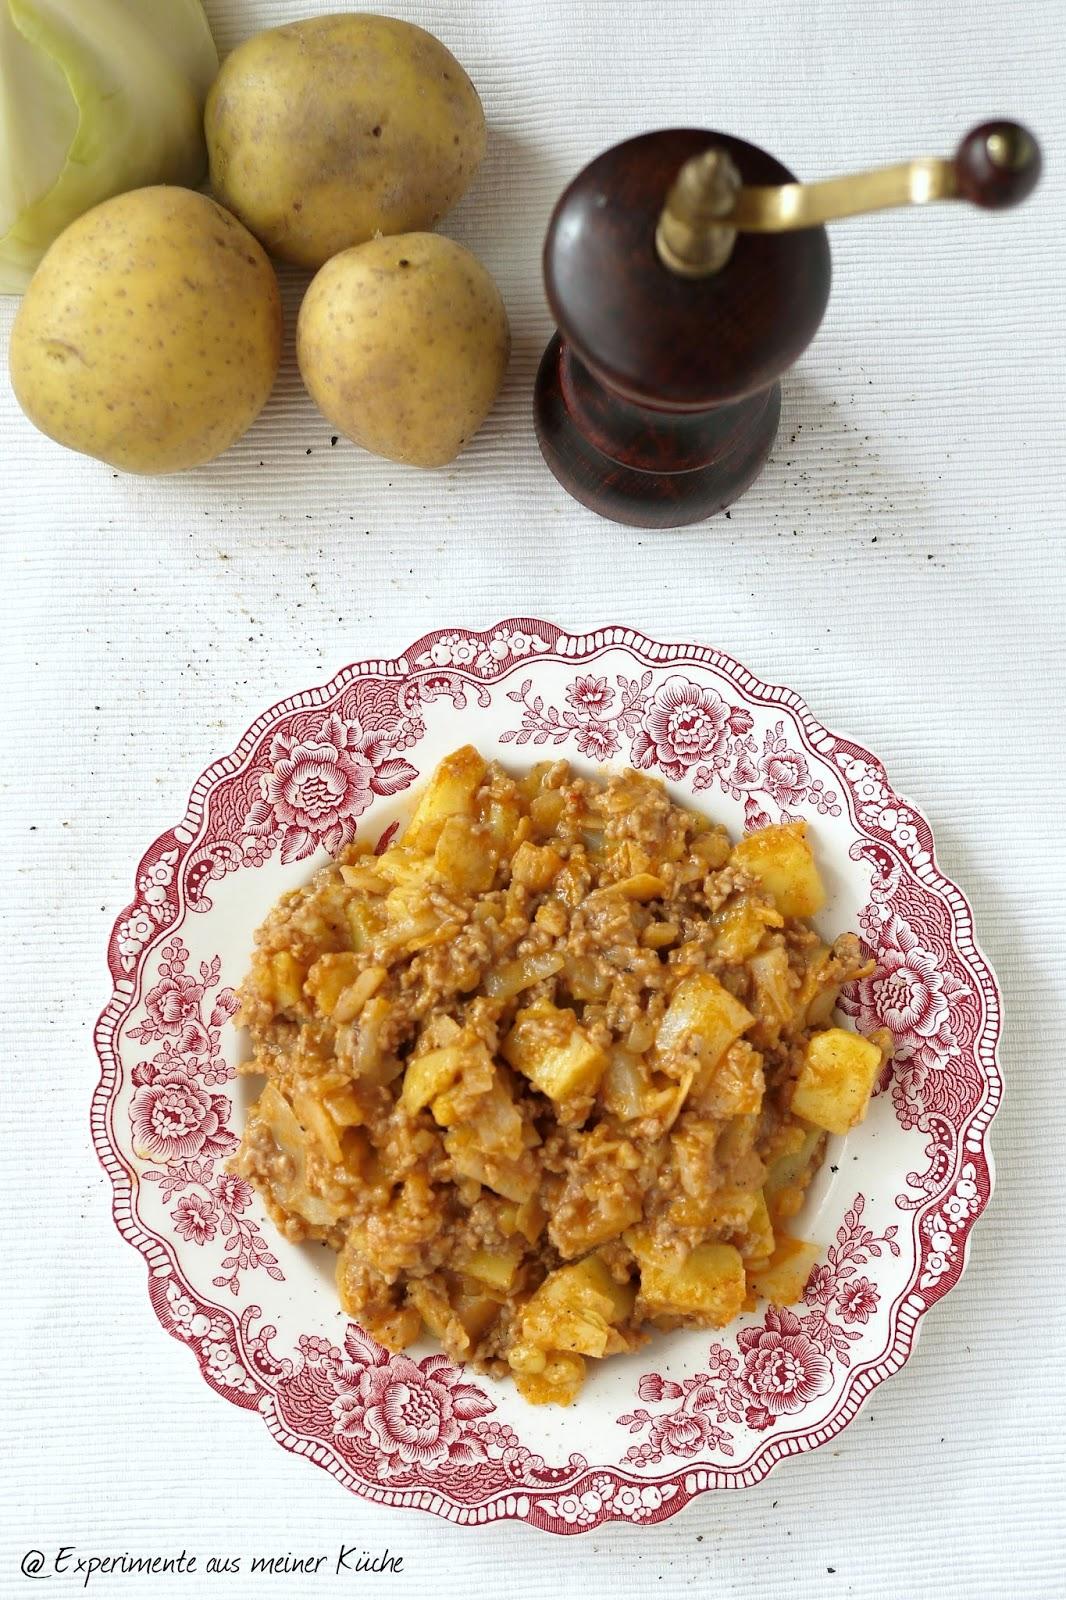 Experimente aus meiner Küche: Schichtkohl mit Hackfleisch und Kartoffeln